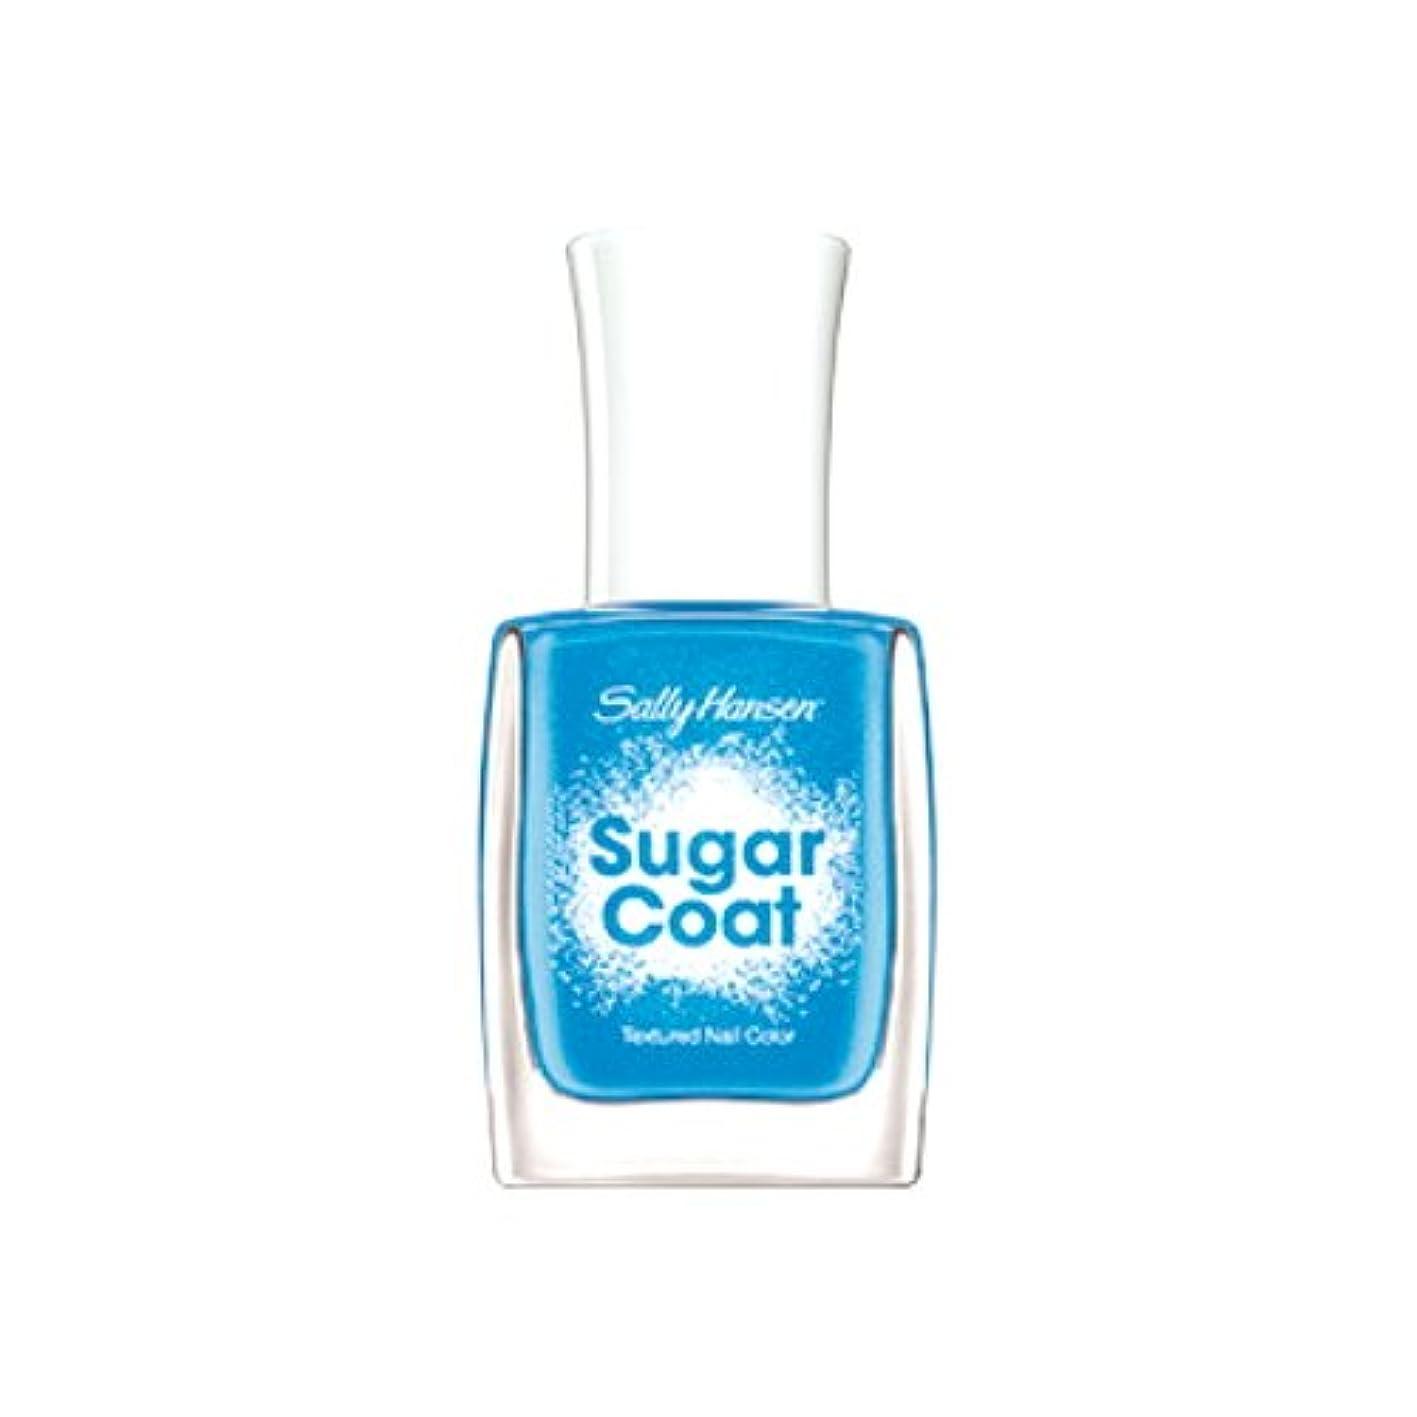 パートナーカブトリクルSALLY HANSEN Sugar Coat Special Effect Textured Nail Color - Razzle-berry (並行輸入品)